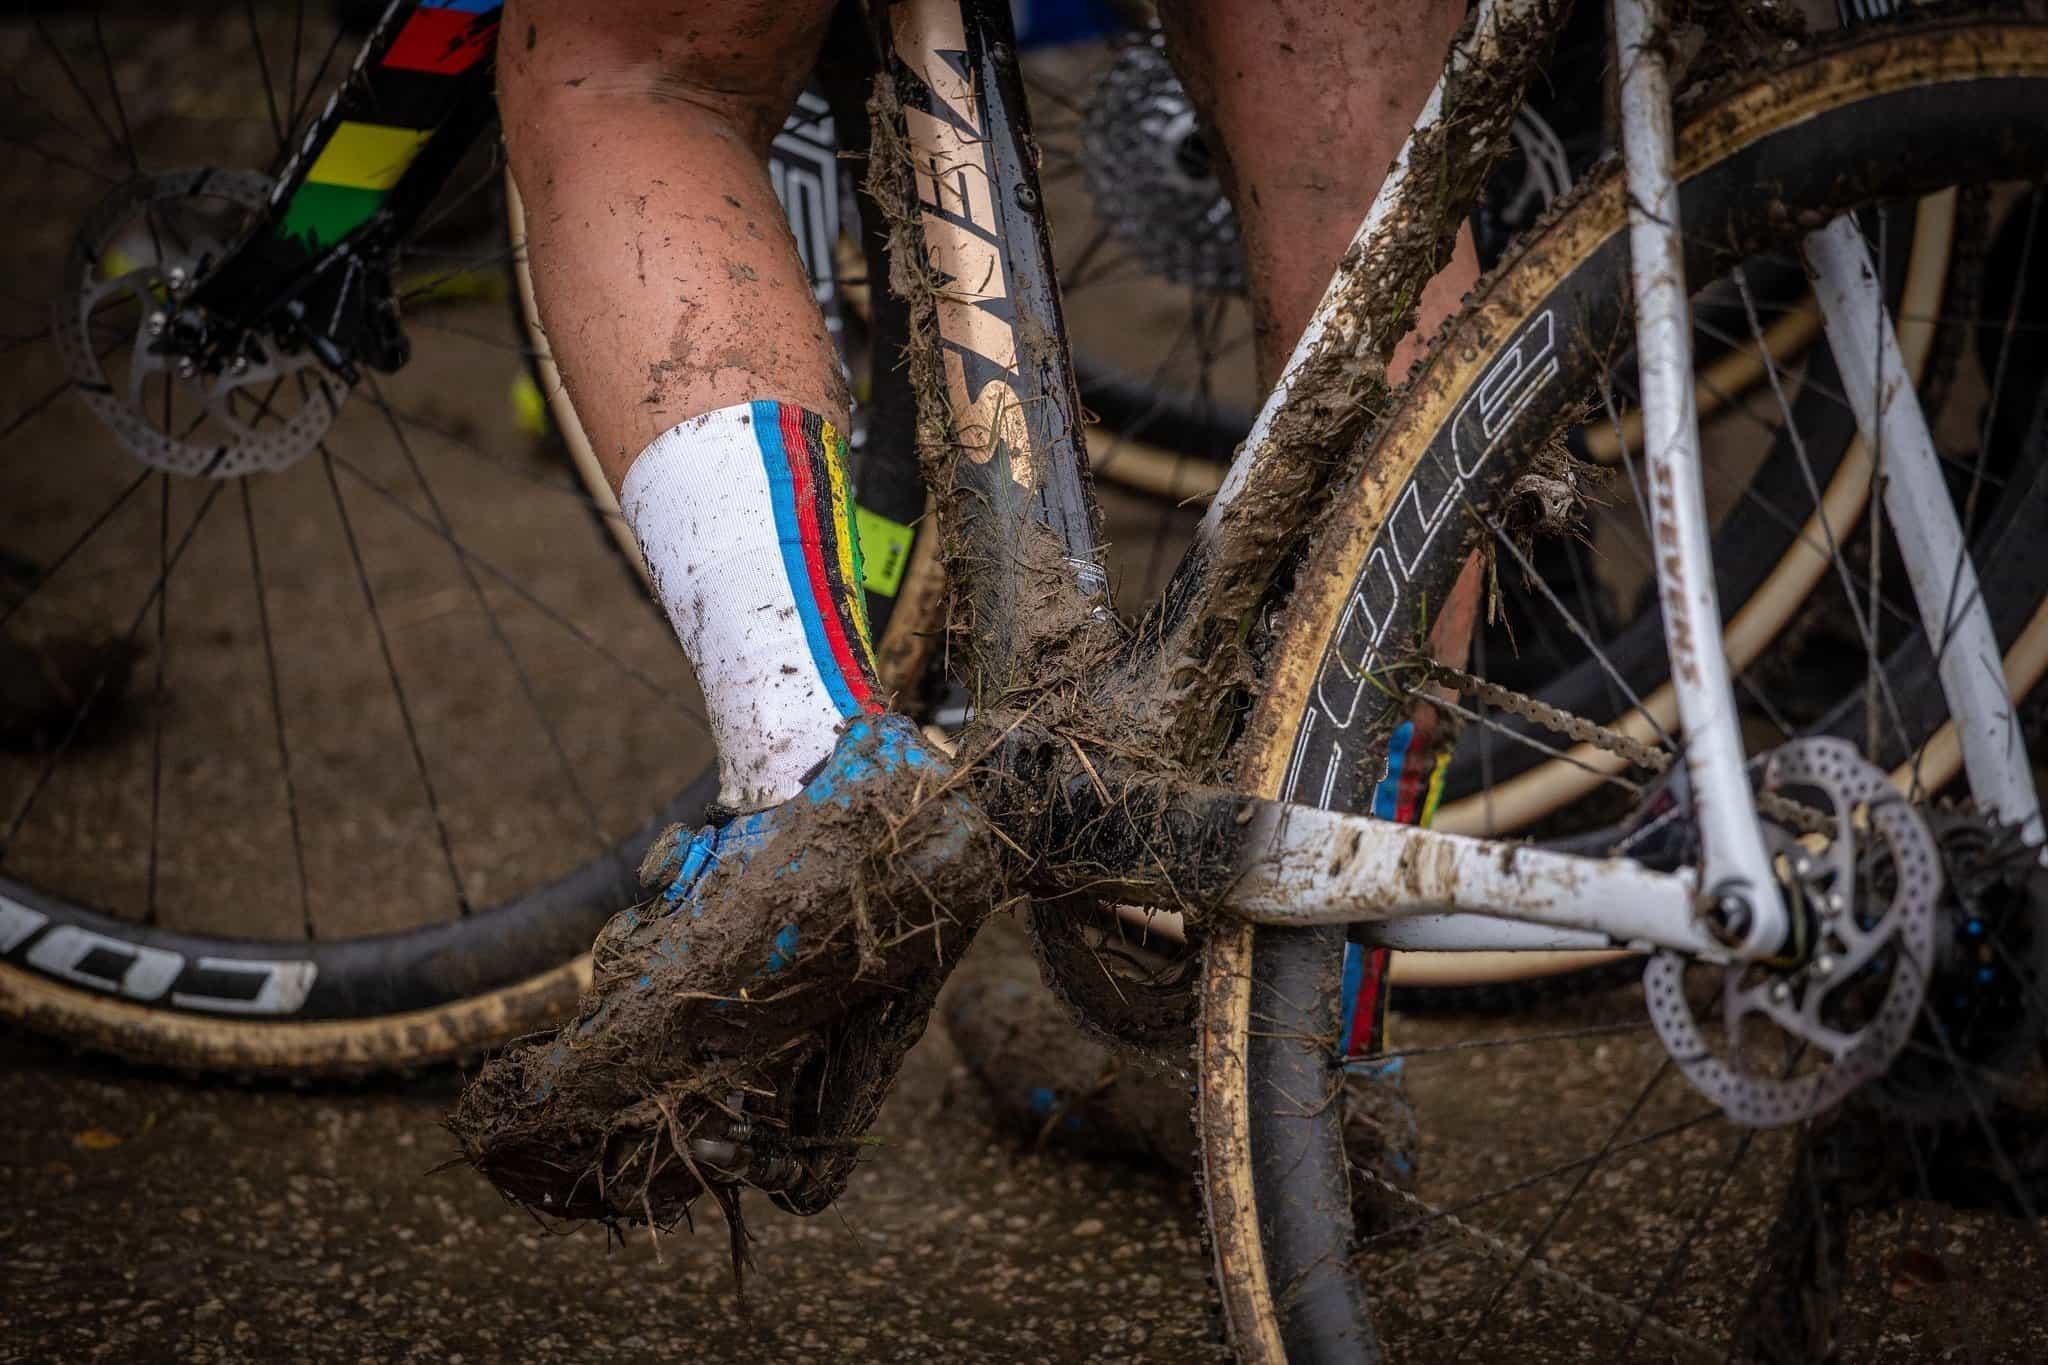 por-que-usar-tubulares-en-ciclocross-mooquer-blog-de-ciclismo